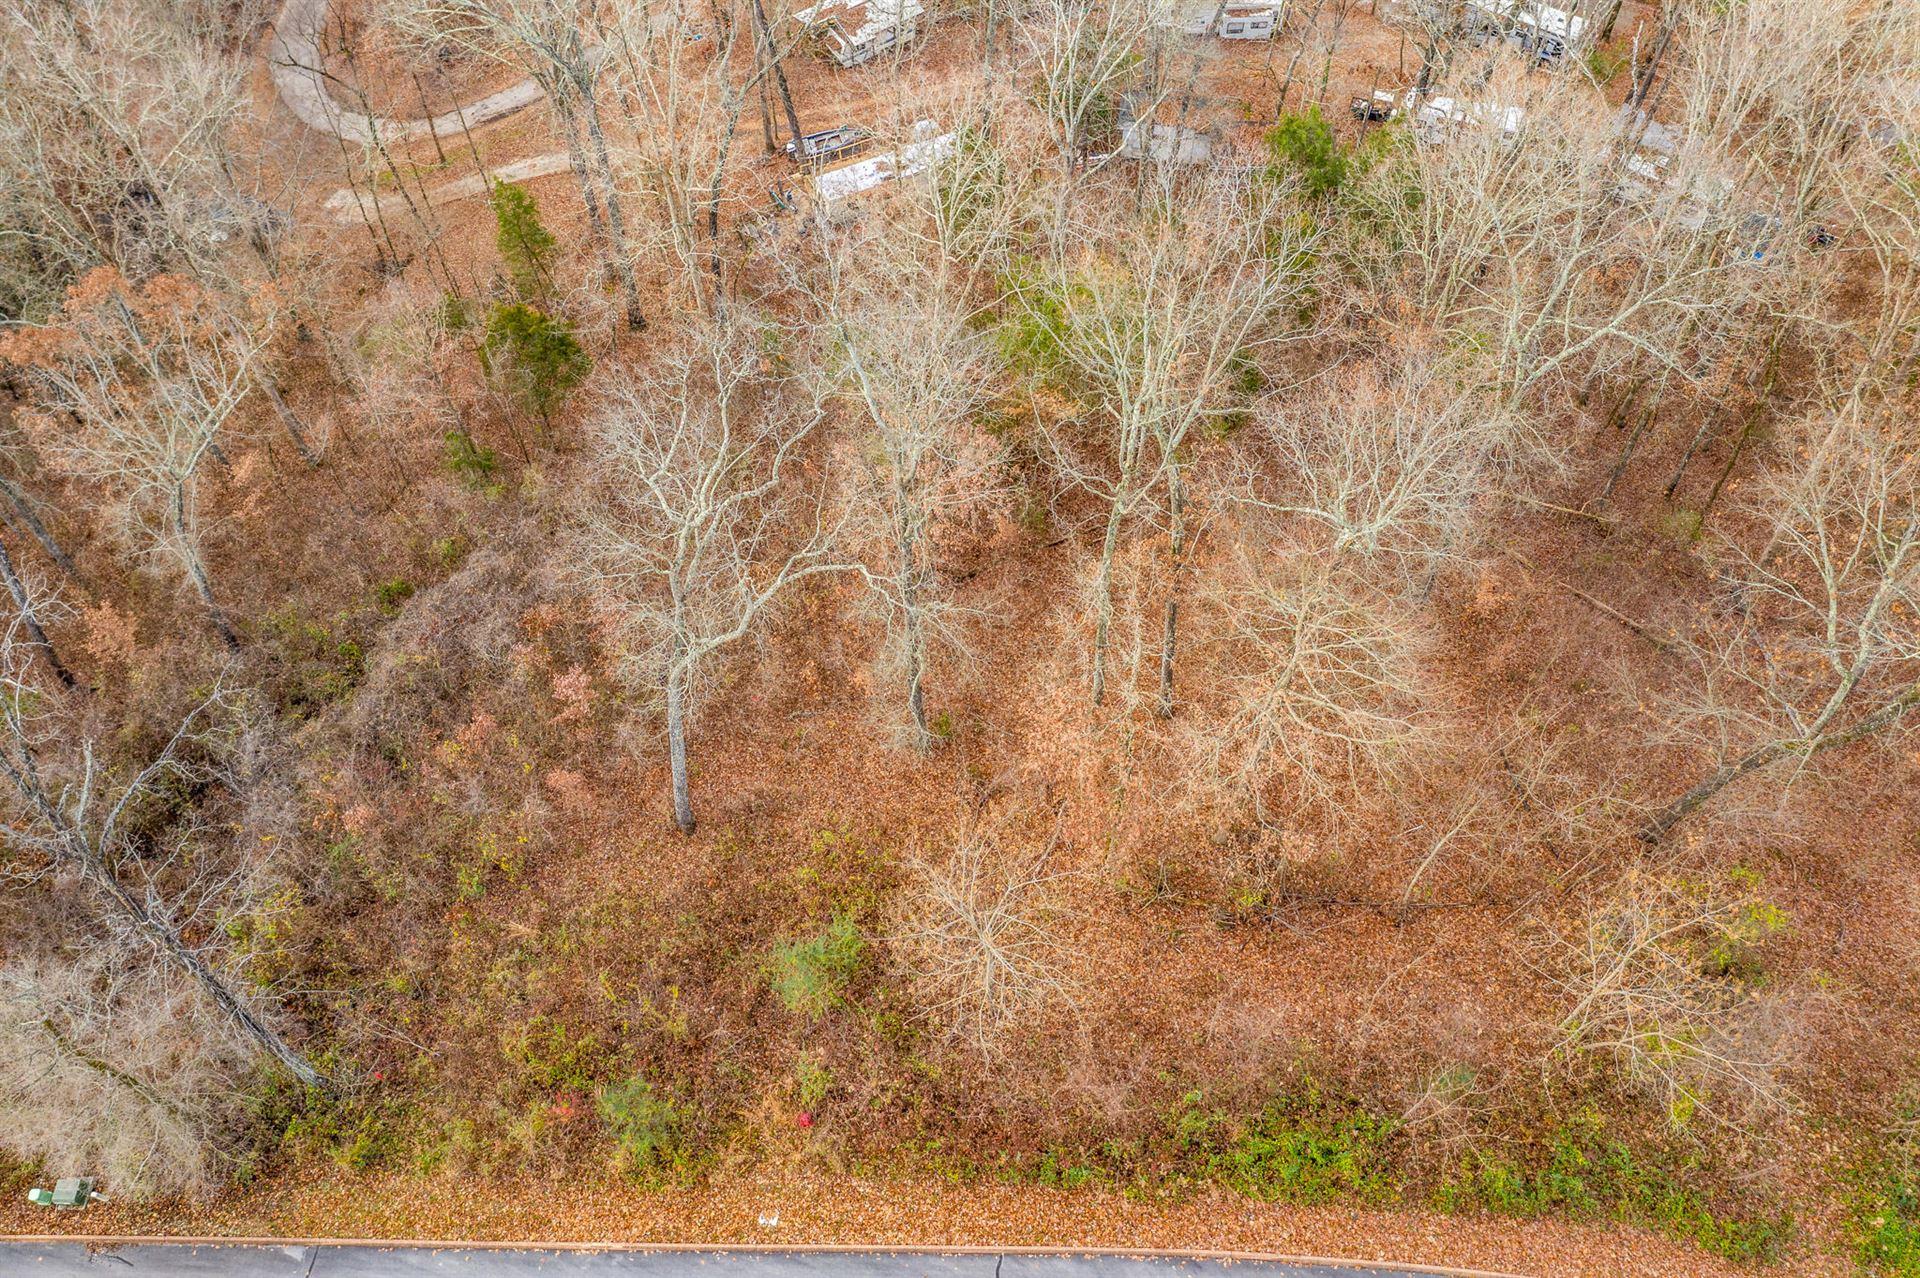 Photo of Lot 25 Aidans Trail, Rutledge, TN 37861 (MLS # 9920390)